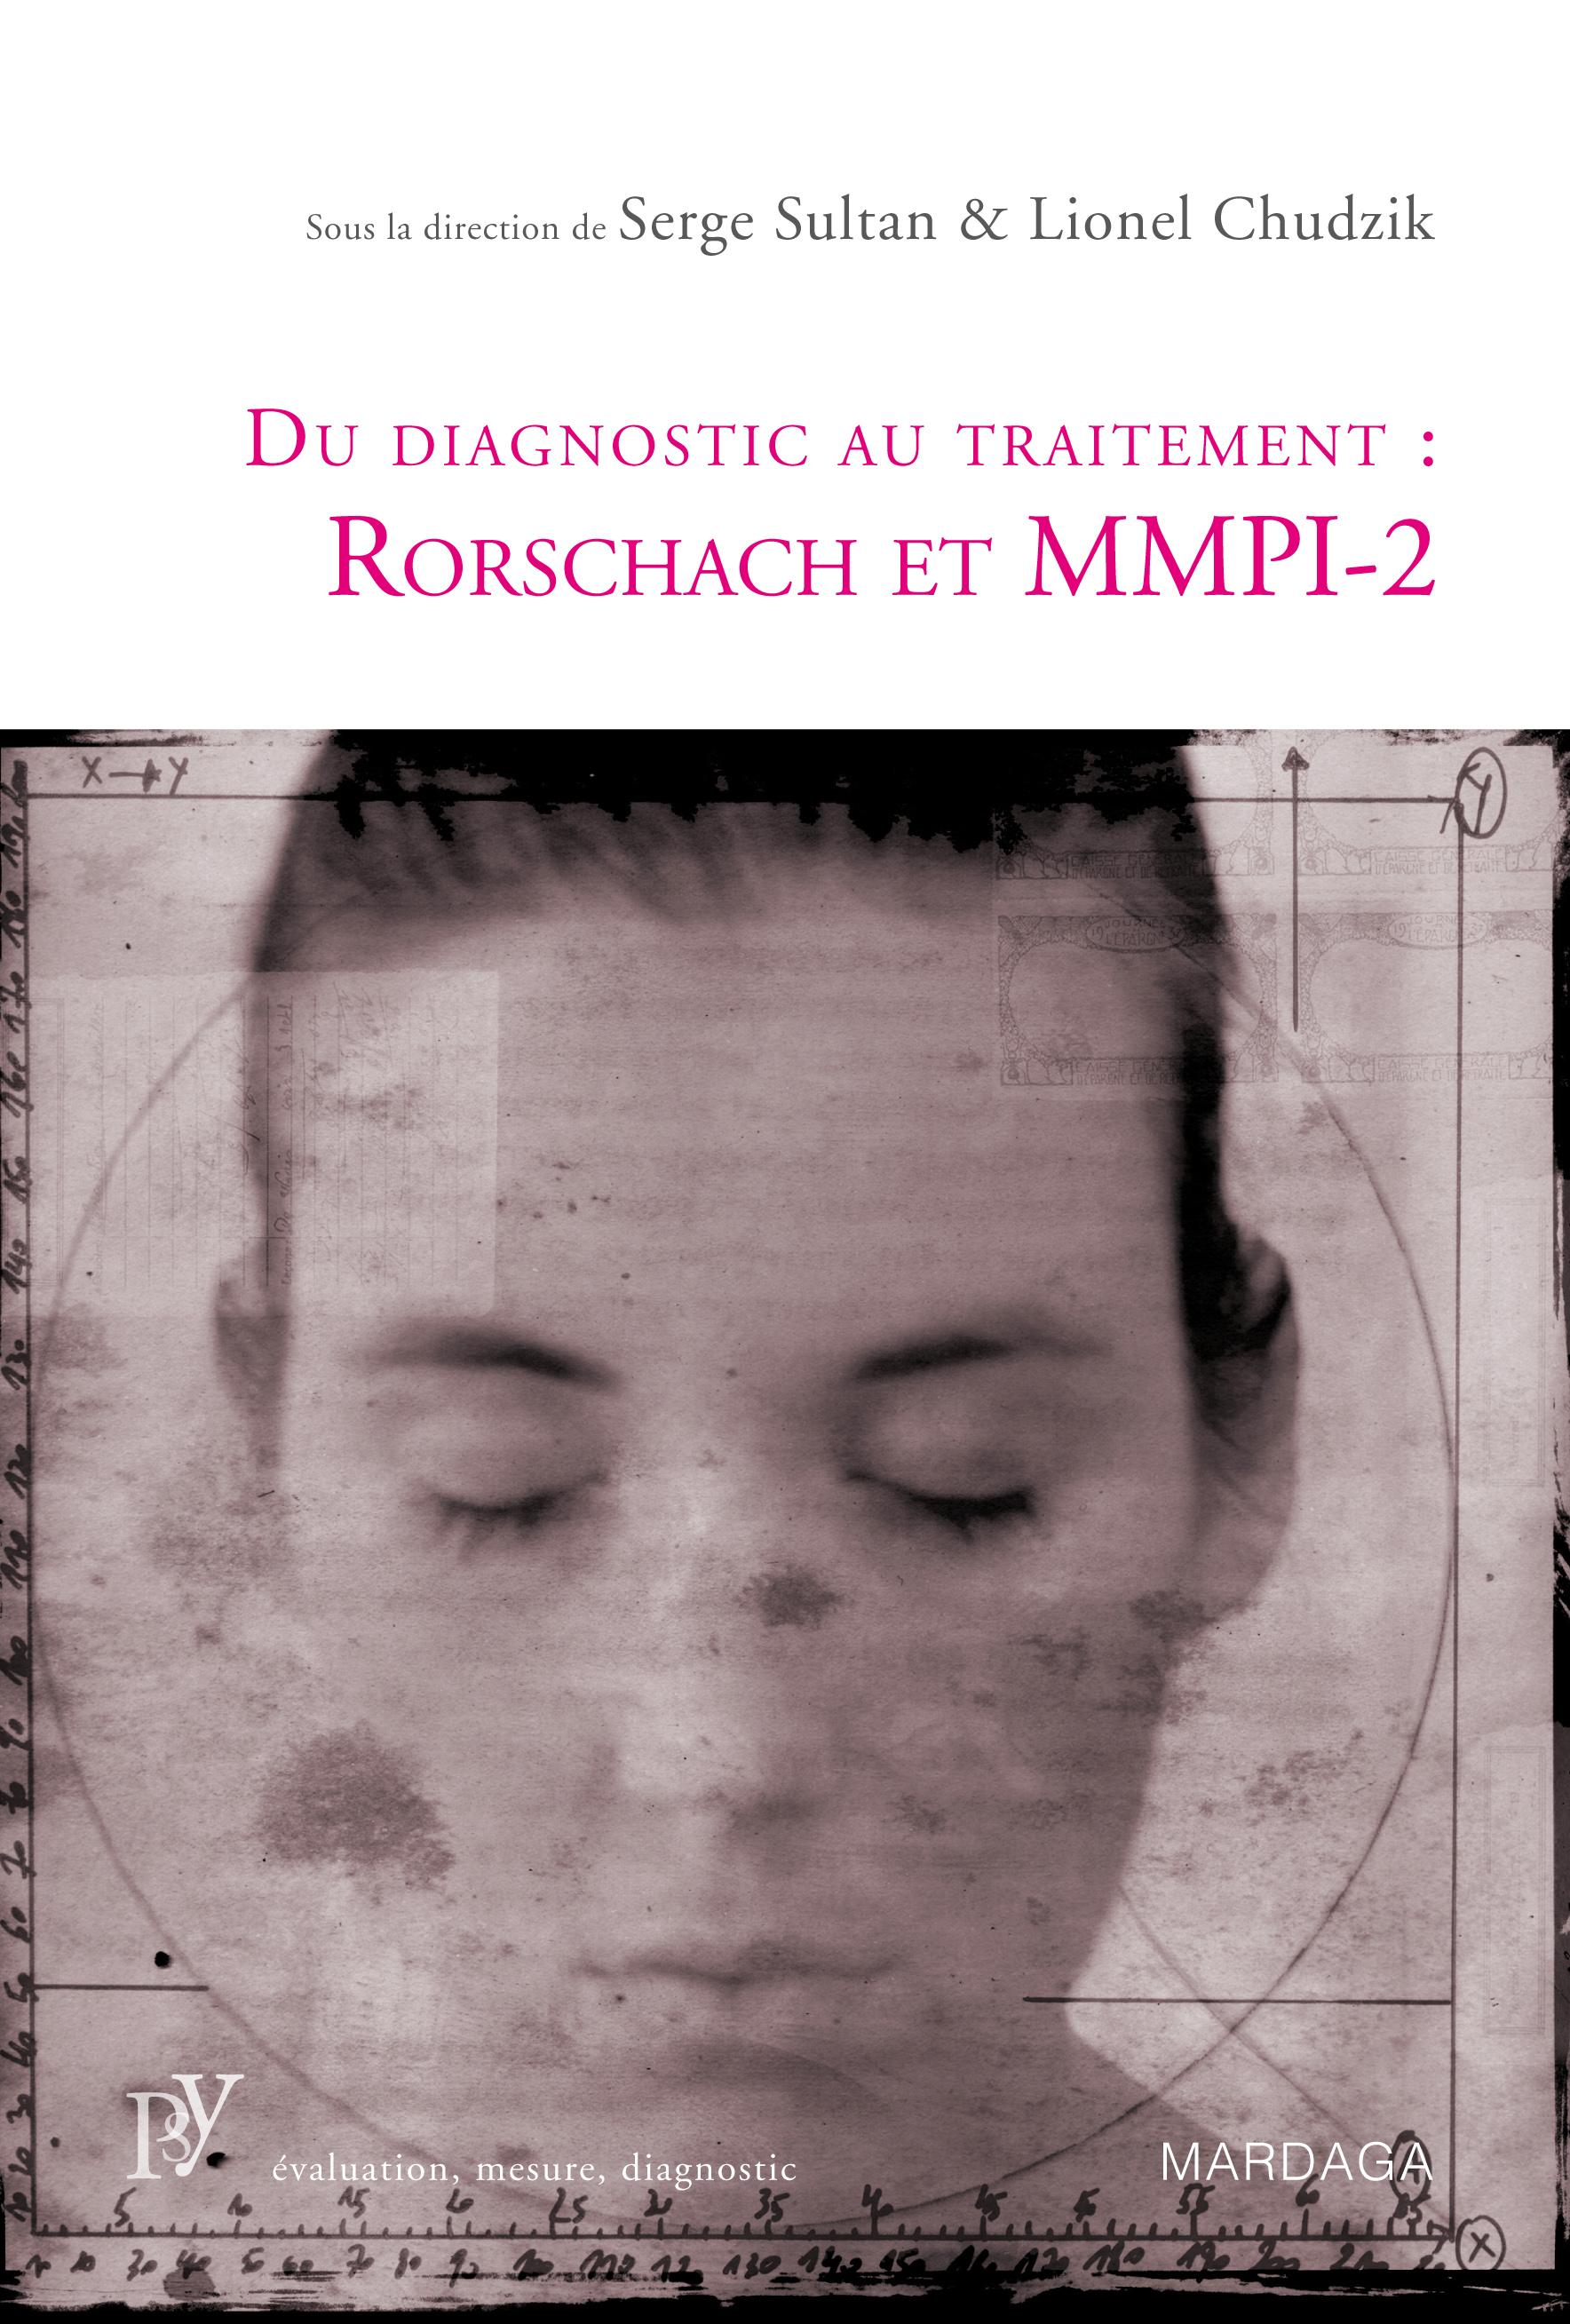 RORSCHACH MMPI-2